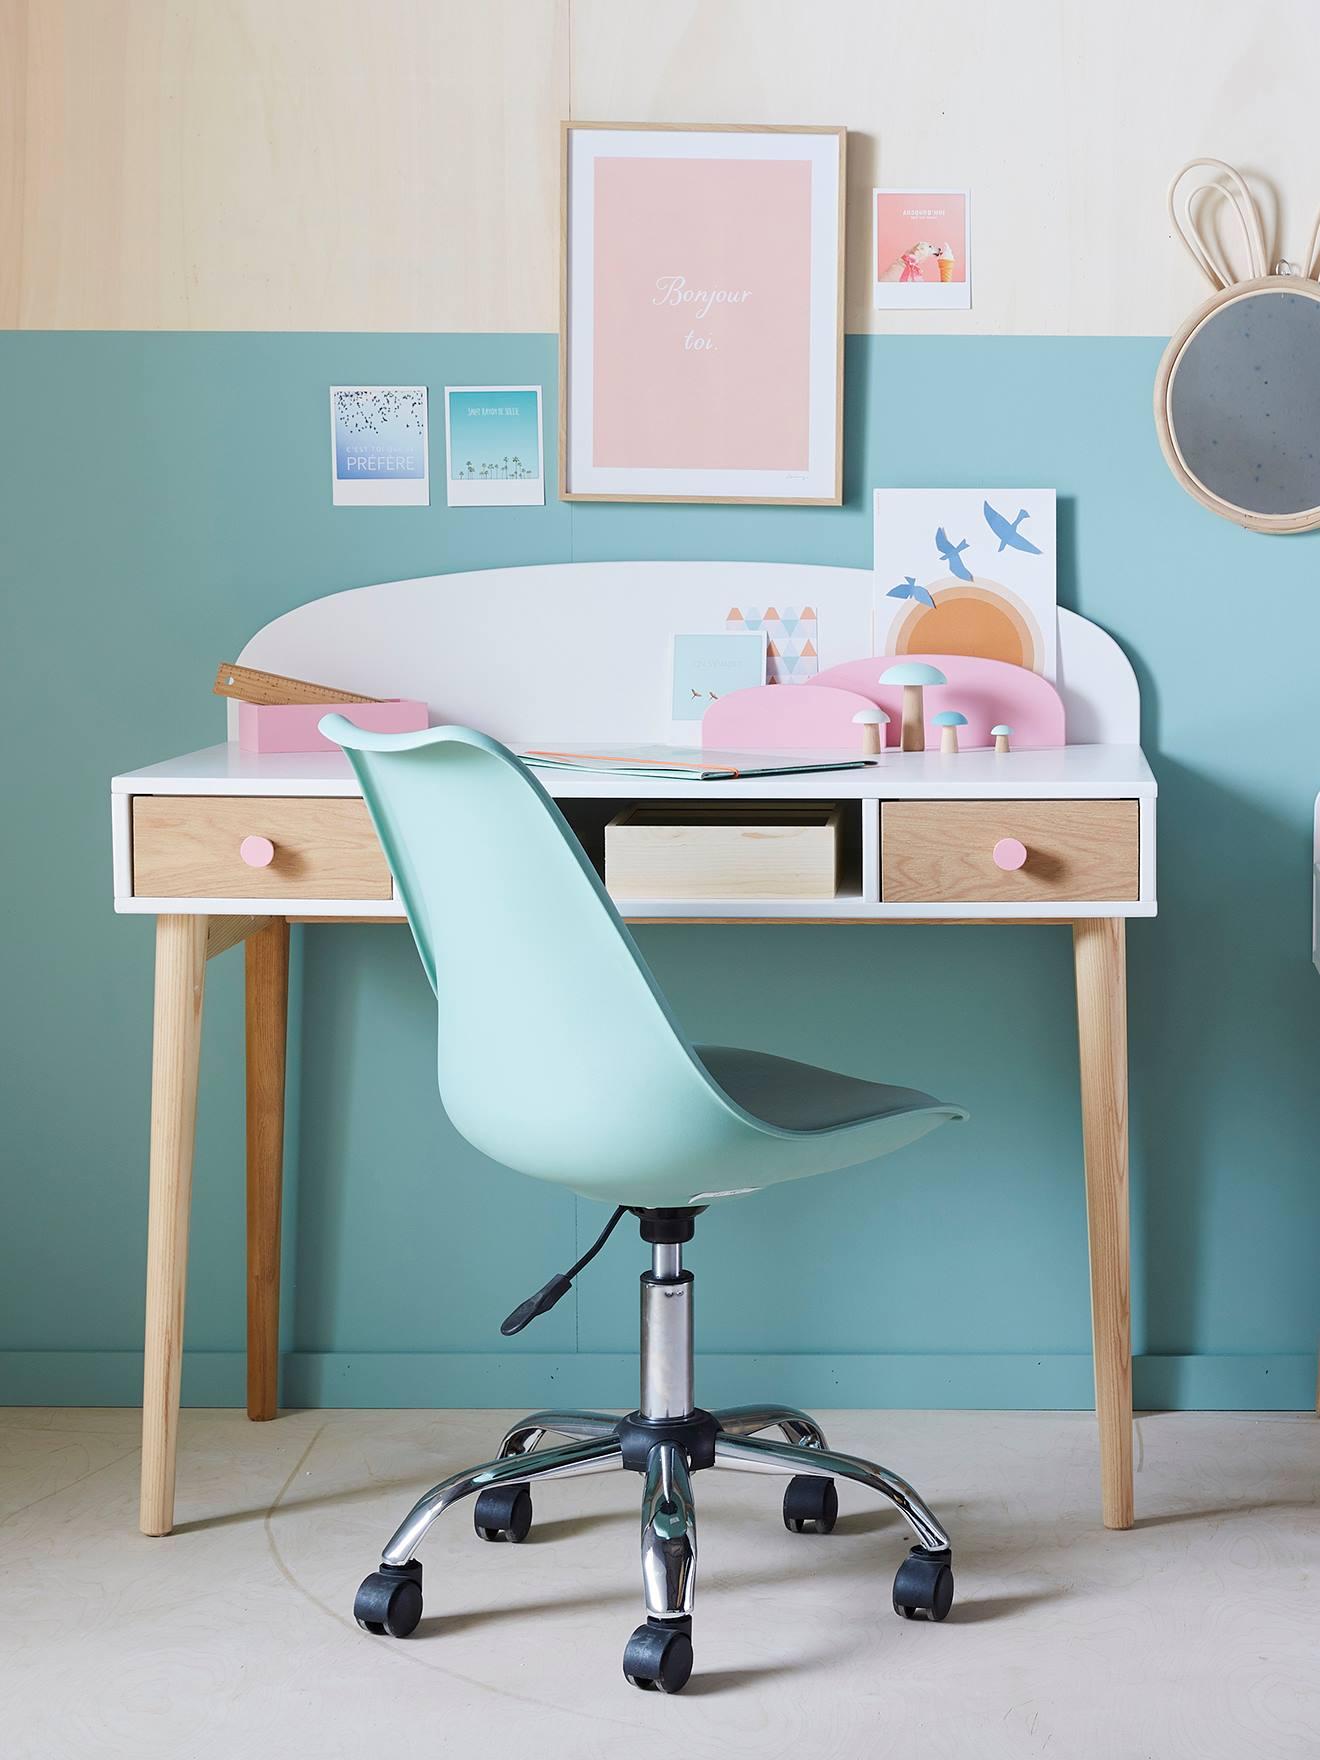 Chaise roulettes rose Vertbaudet de primaire bureau à TlFJK1c